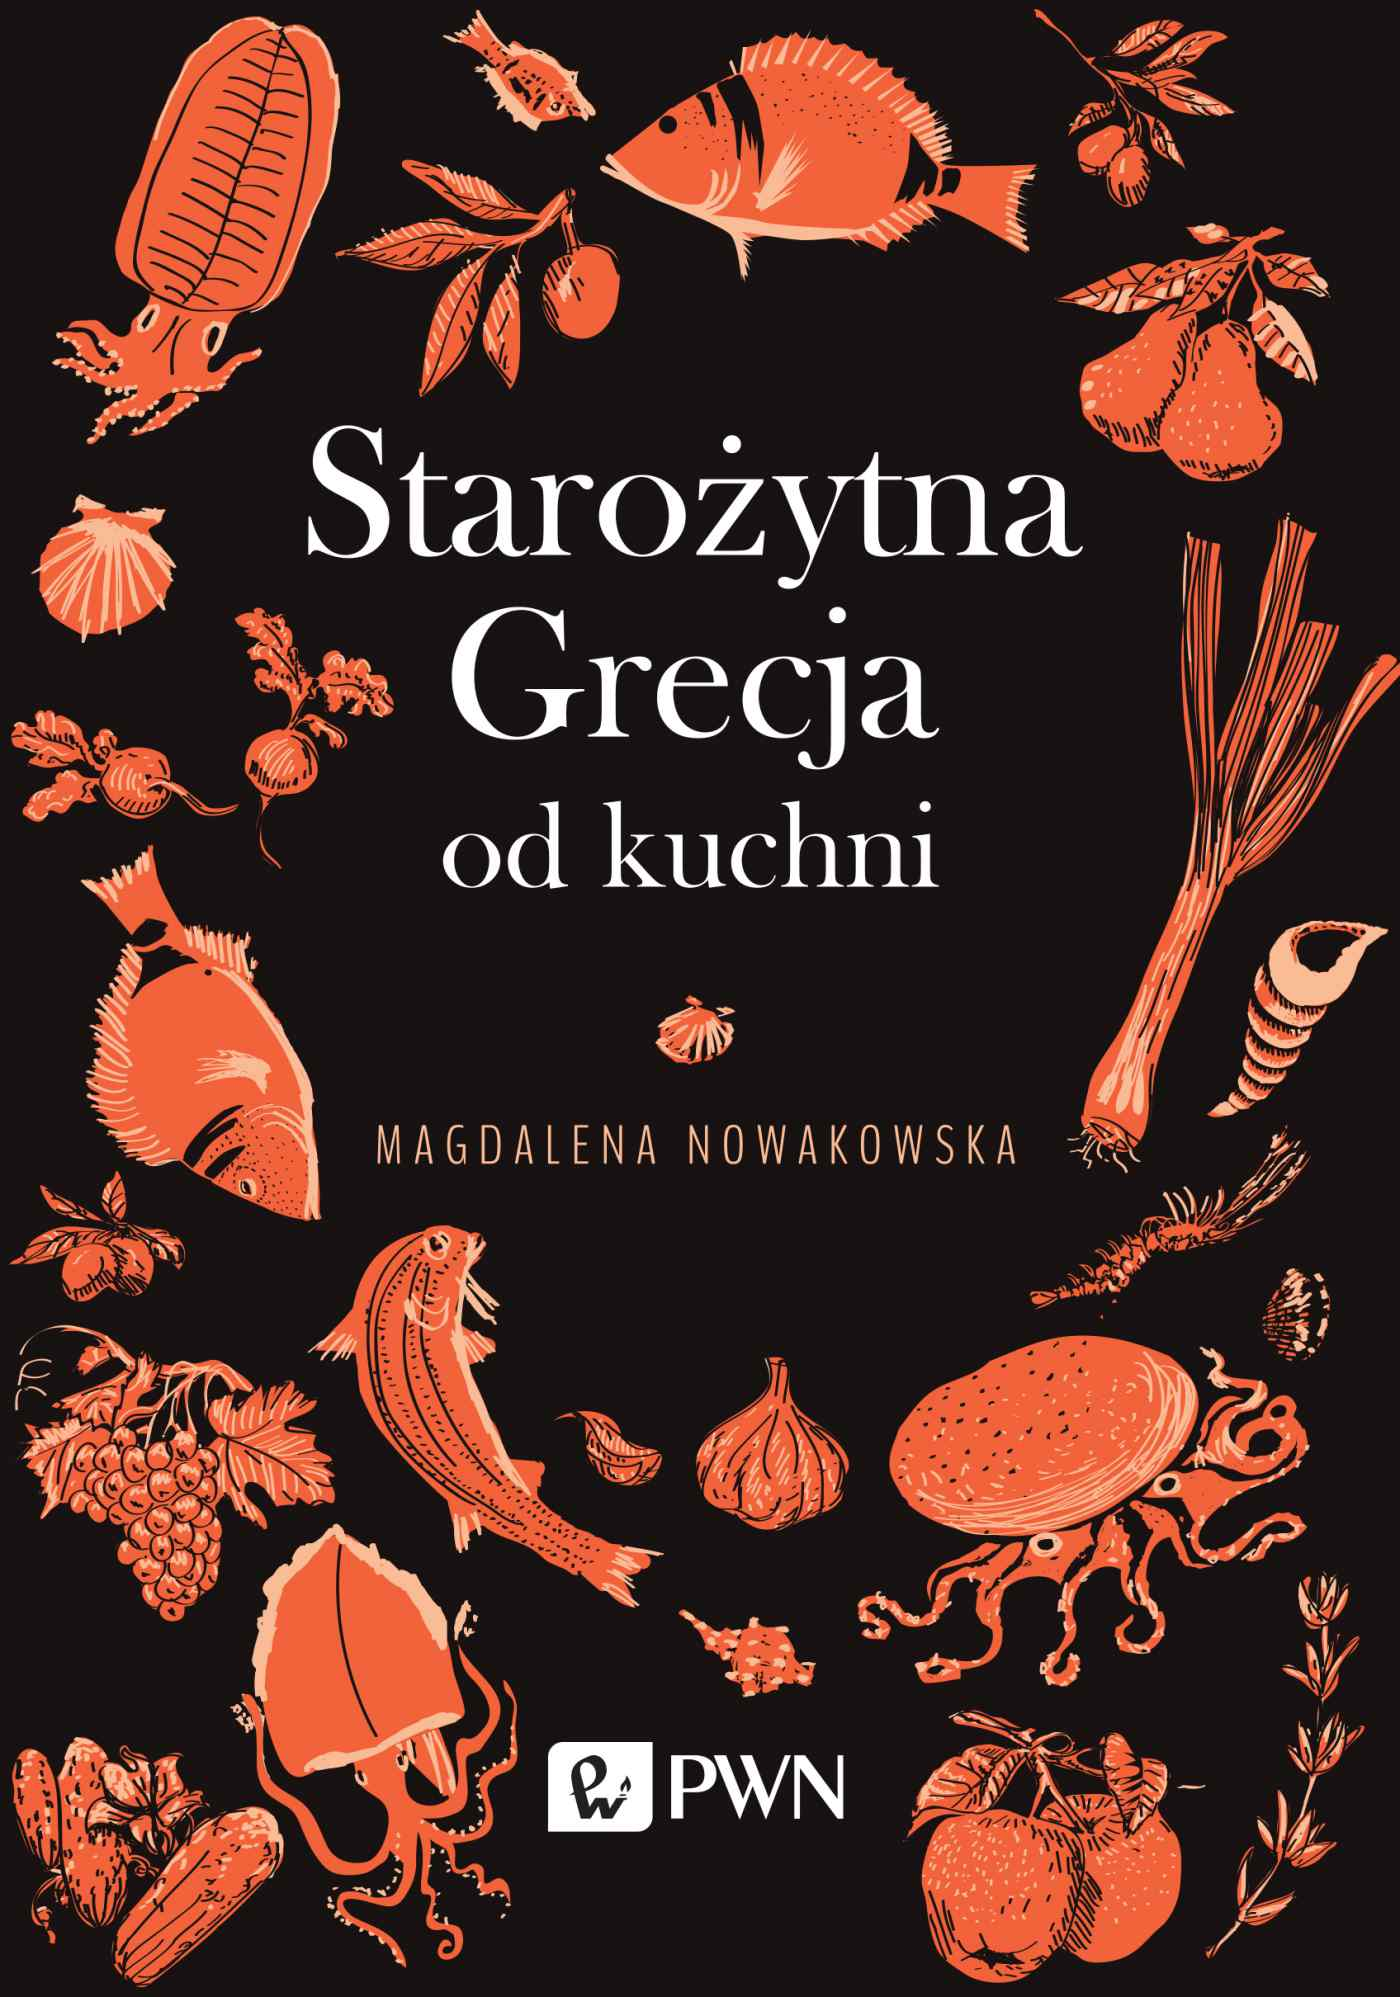 Starożytna Grecja od kuchni - Ebook (Książka na Kindle) do pobrania w formacie MOBI